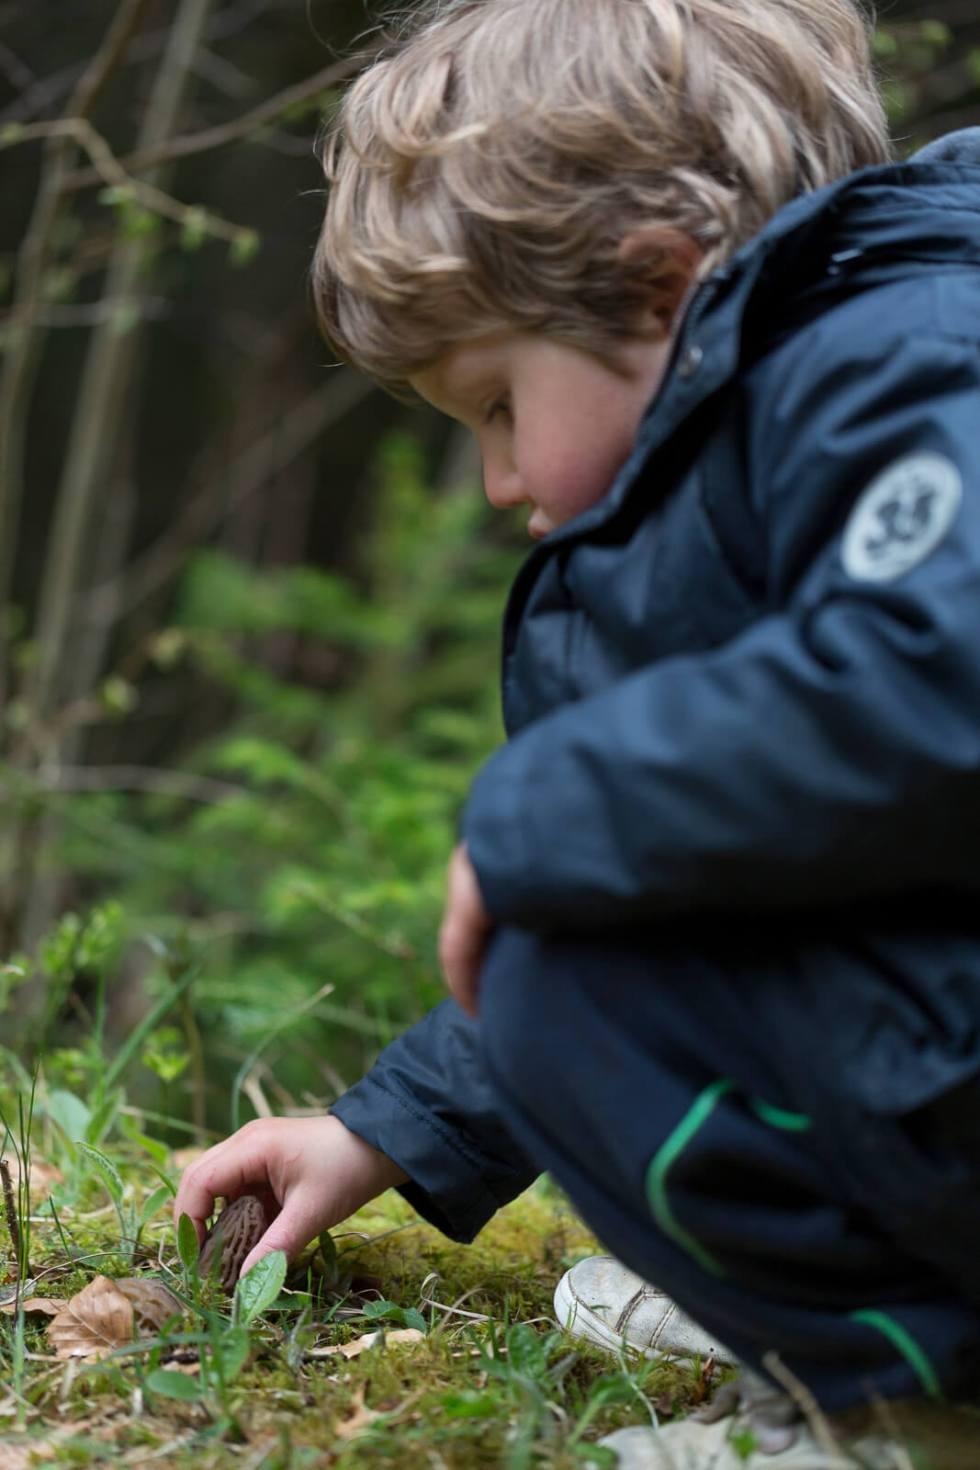 Randonnées gourmandes du printemps : la cueillette des morilles  ©petitbivouac